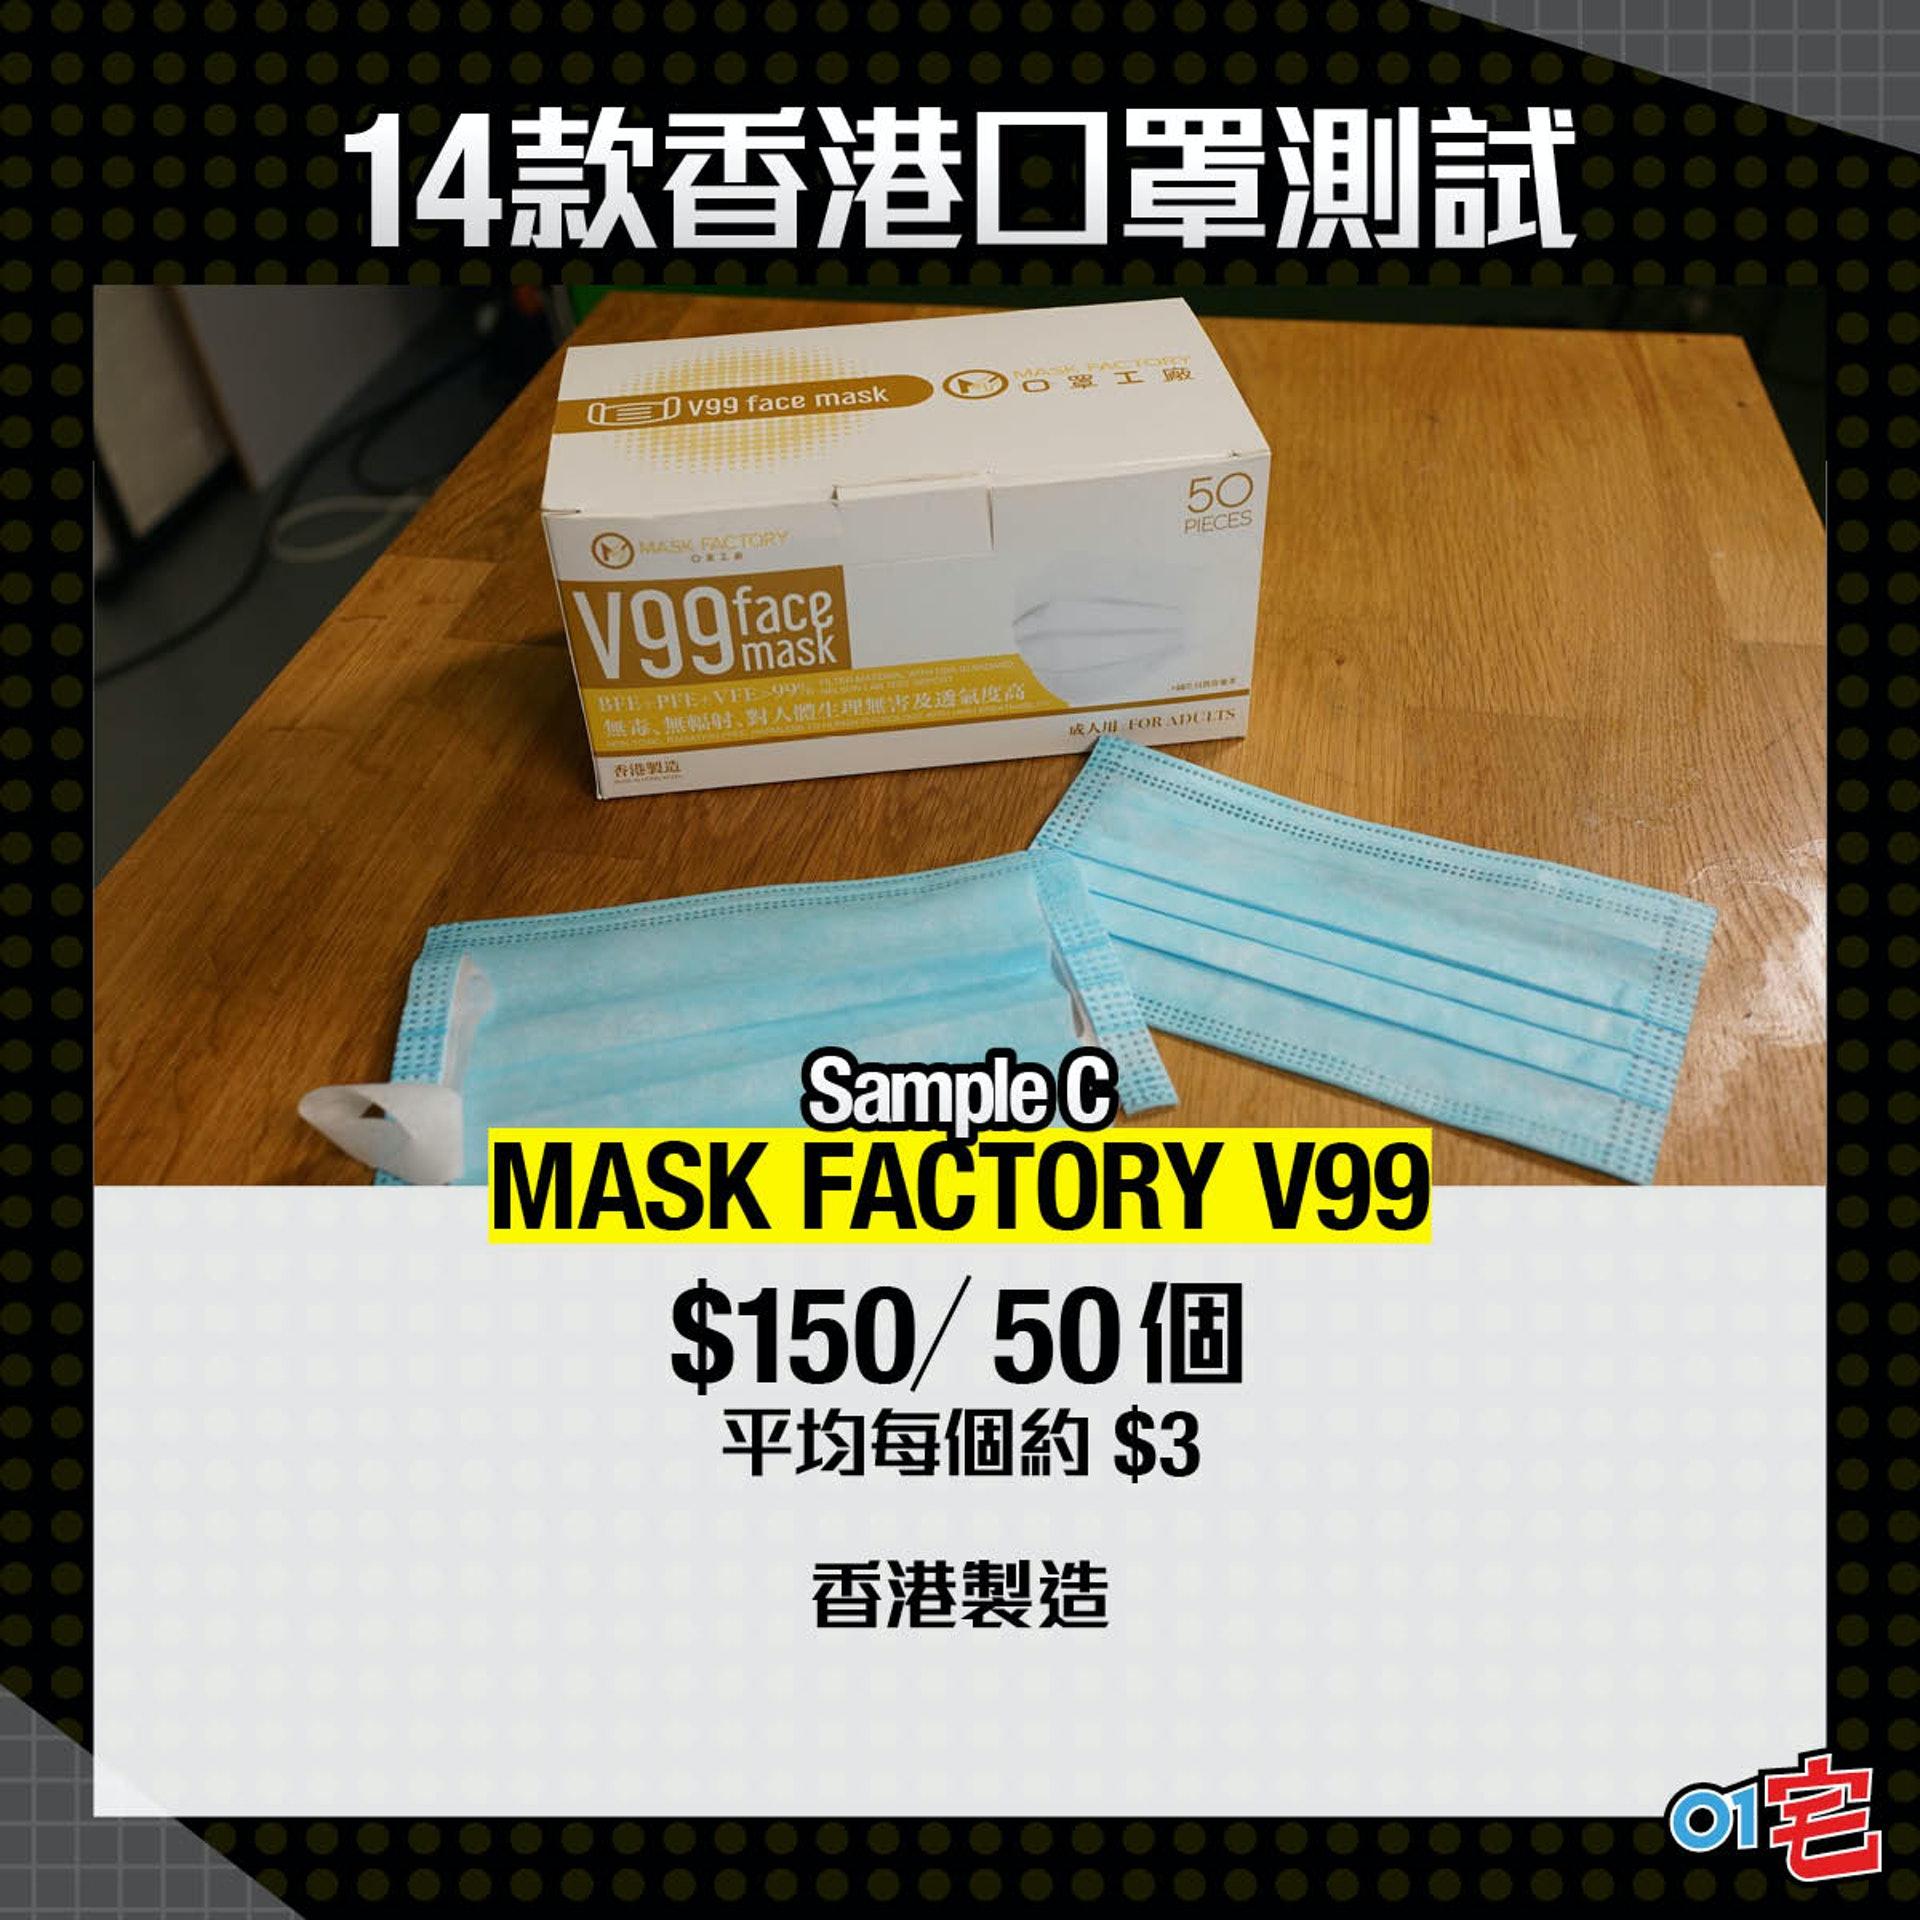 MASK FACTORY V99